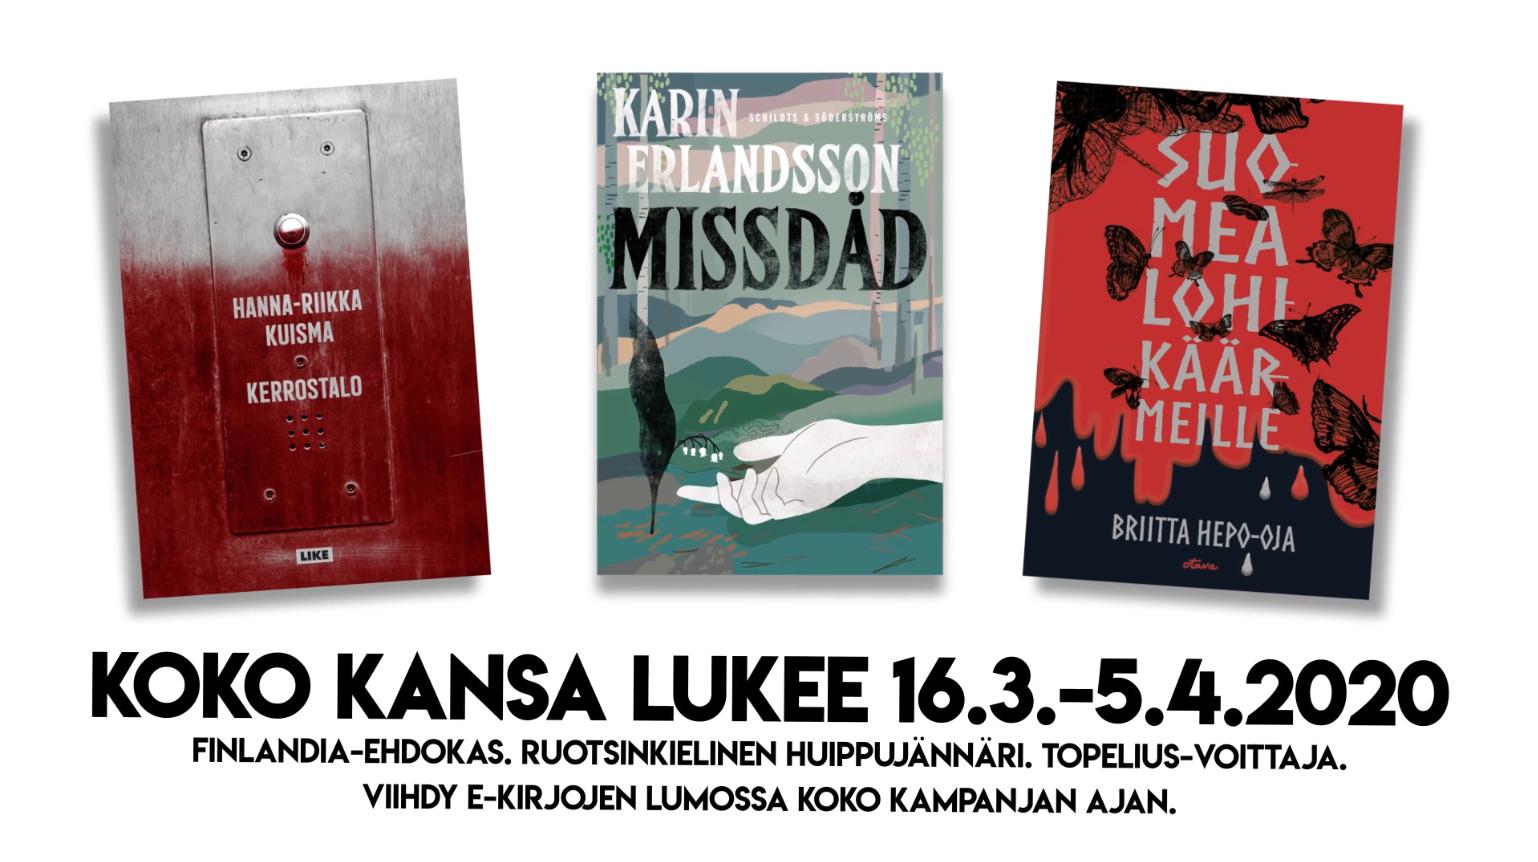 Finlandia-ehdokas Kerrostalo, ruotsinkielinen huippujännäri Missdåd, Topelius-voittaja Suomea lohikäärmeille. Viihdy e-kirjojen lumossa koko kampanjan ajan.